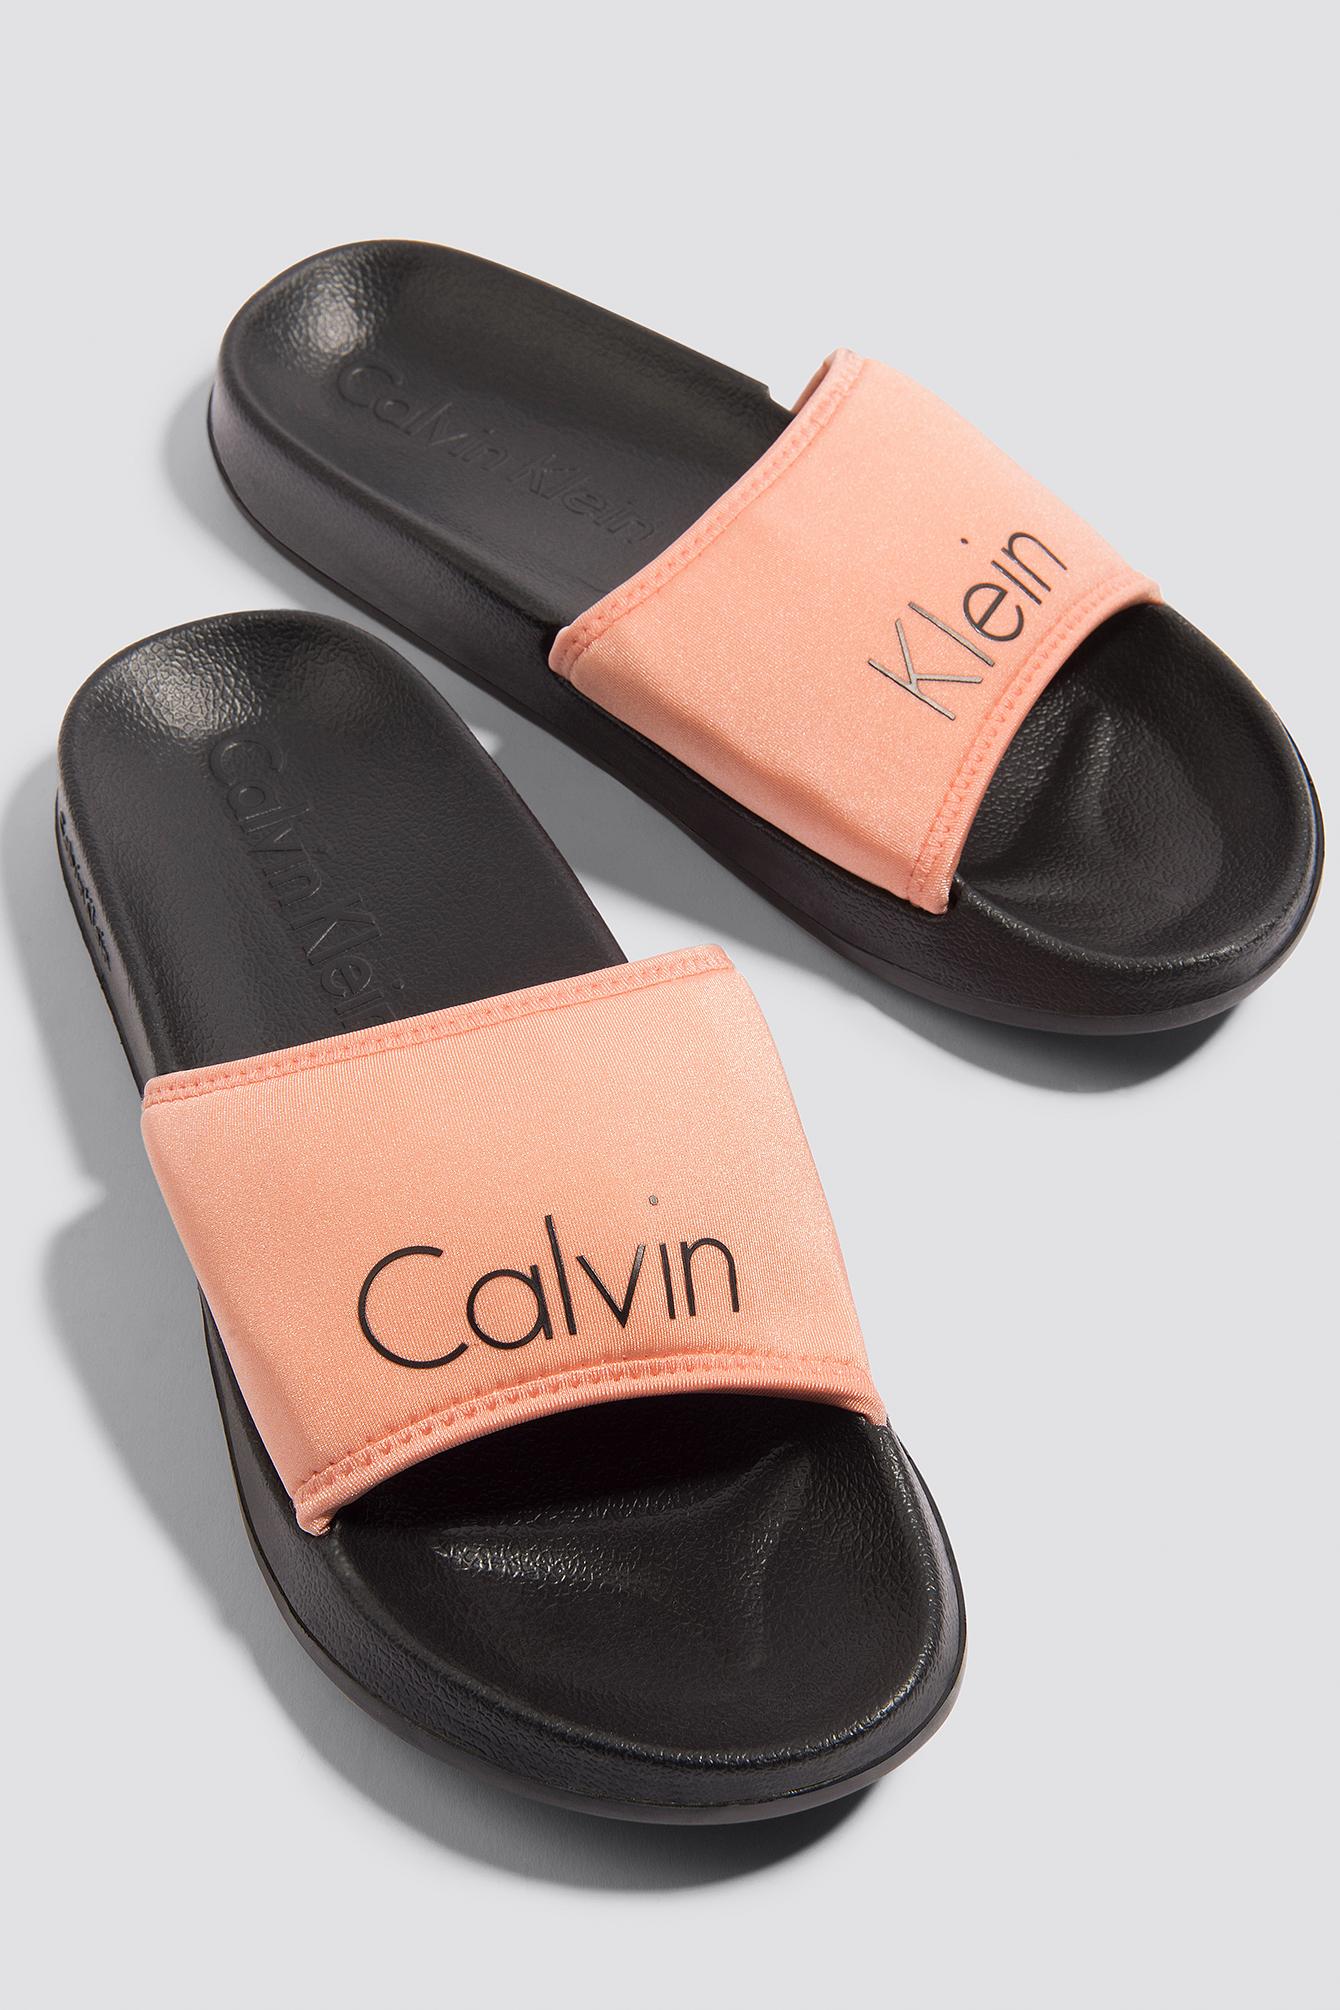 calvin klein -  Slide - Black,Pink,Multicolor